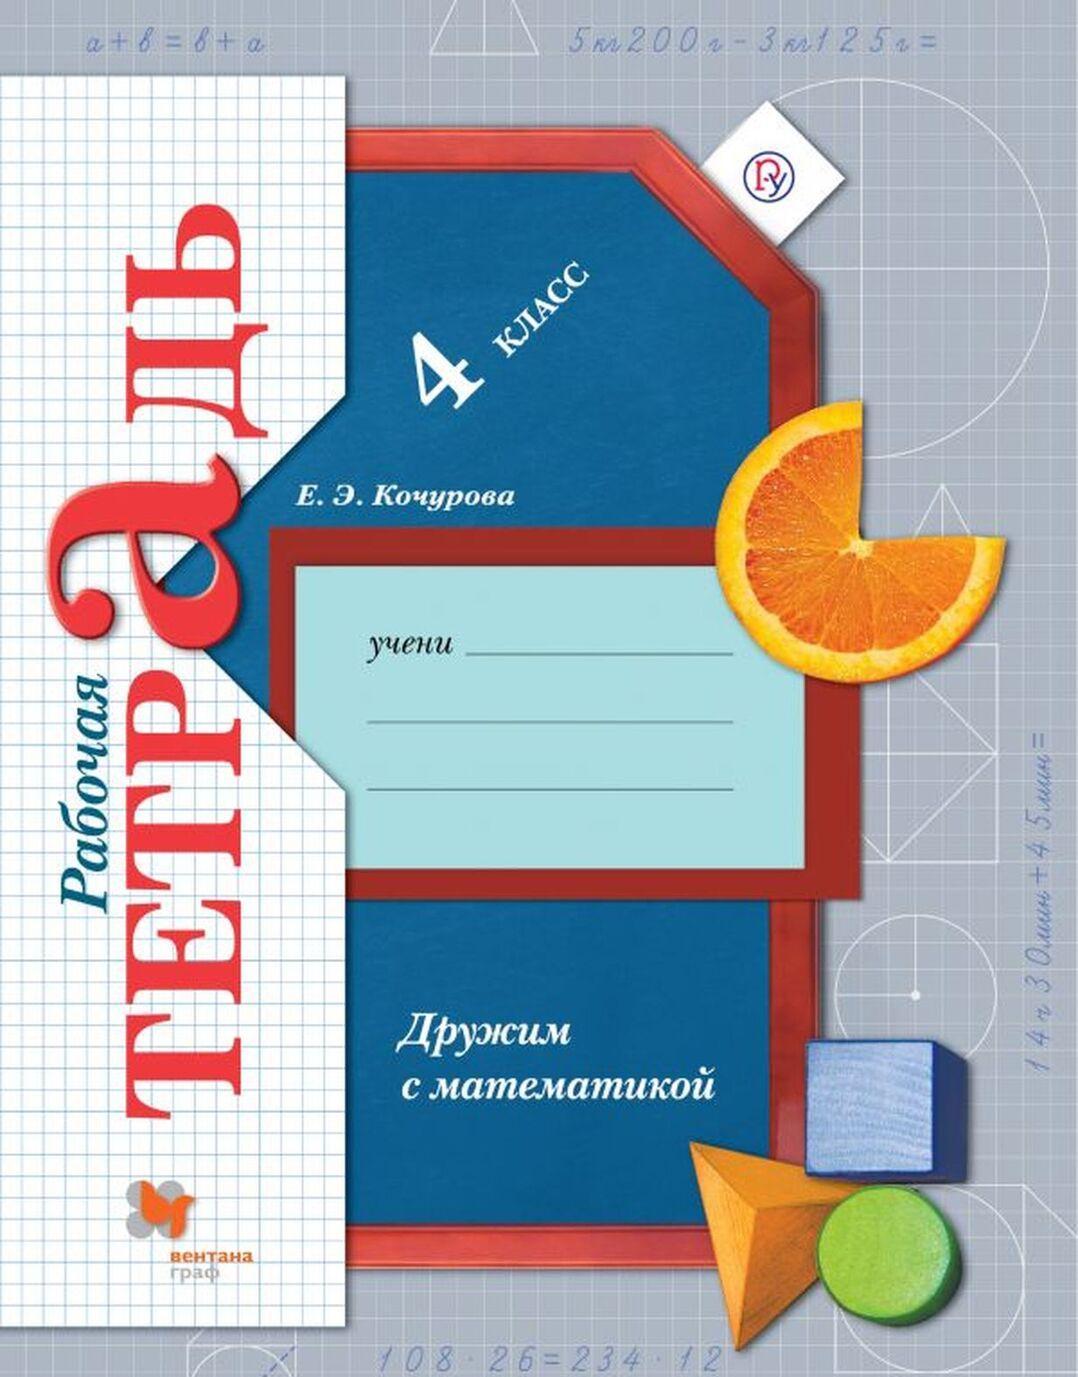 Druzhim s matematikoj. 4klass. Rabochaja tetrad | Kochurova Elena Eduardovna